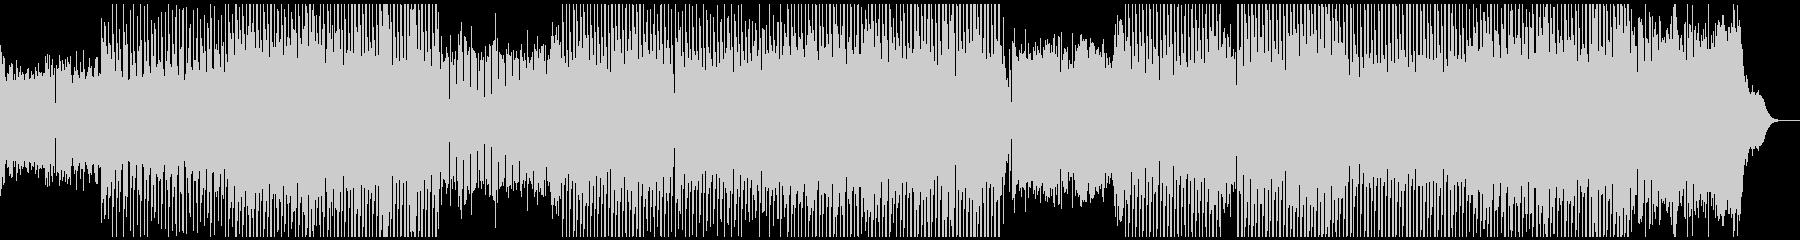 陽気なテクノポップ、重厚なシンセ音の未再生の波形